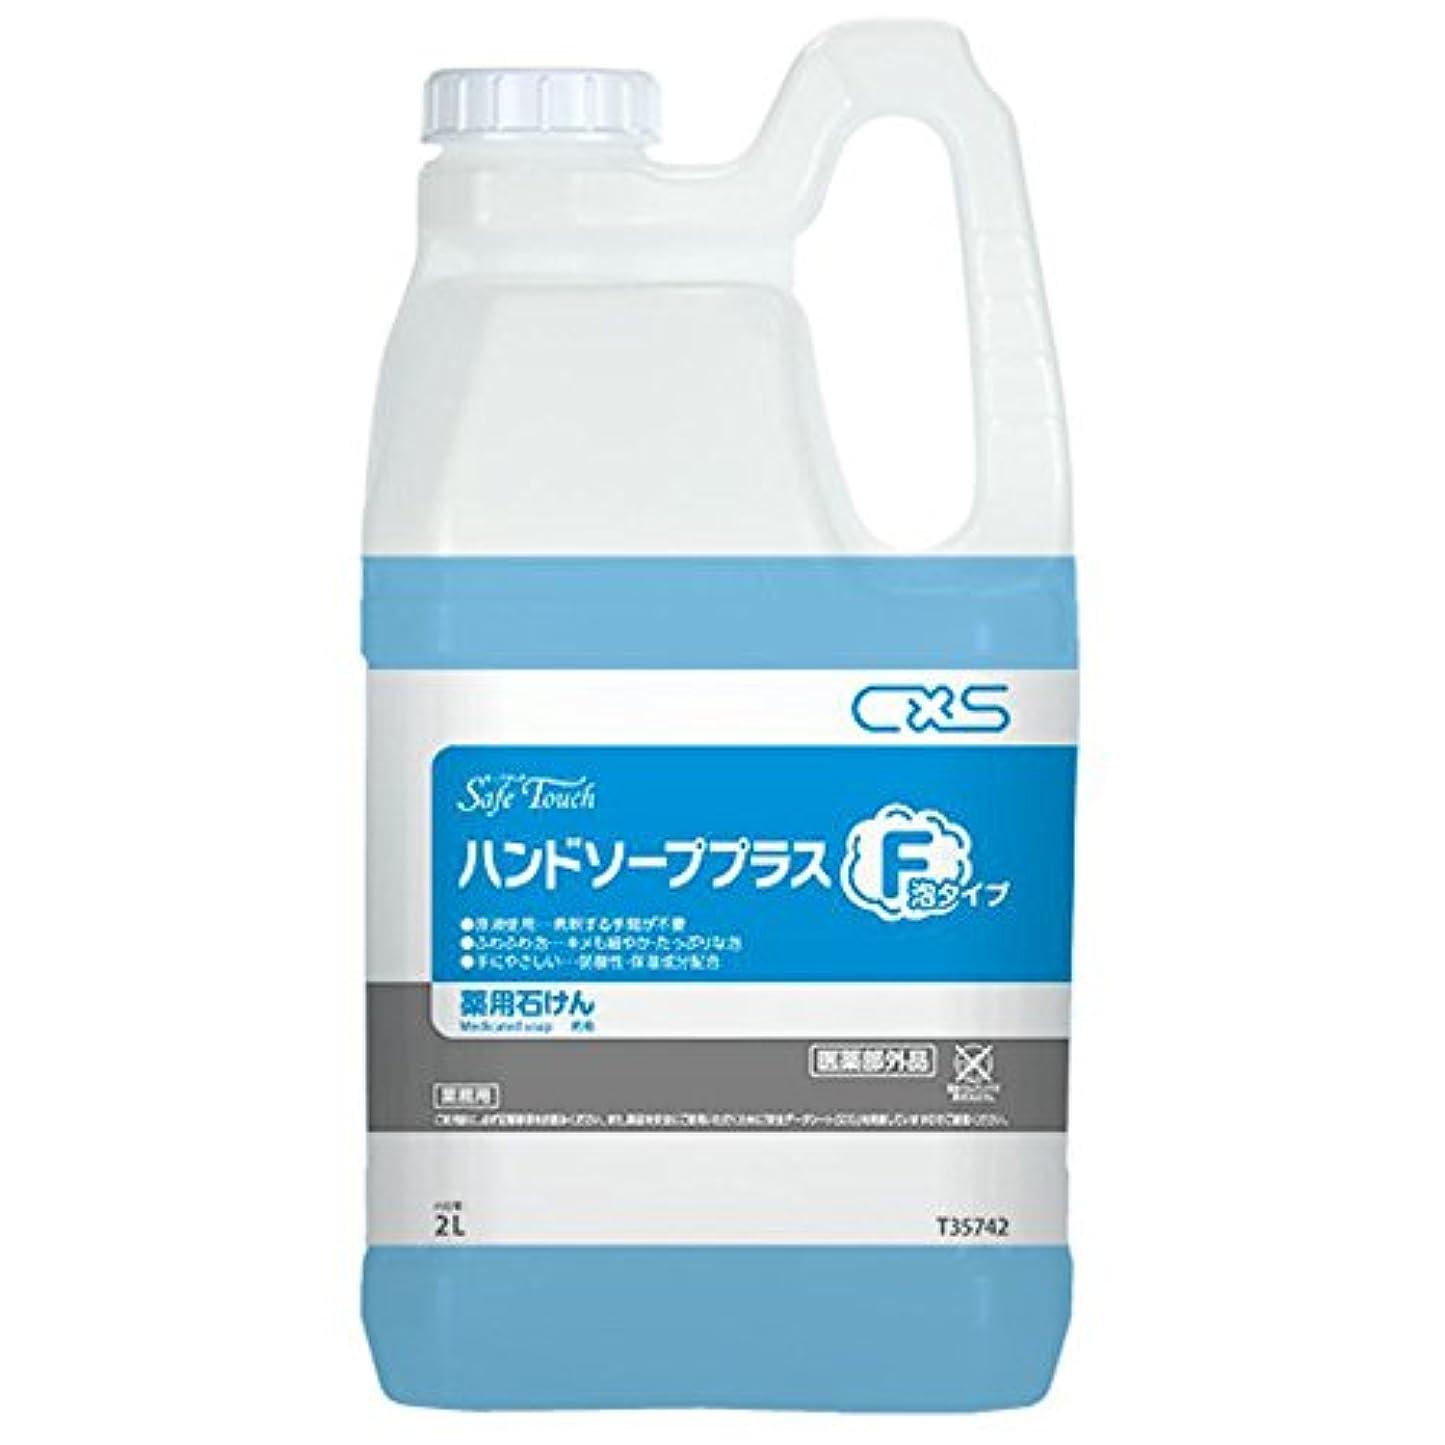 才能のある達成浜辺シーバイエス(C×S) 殺菌?消毒用手洗い石けん セーフタッチハンドソーププラスF 2L